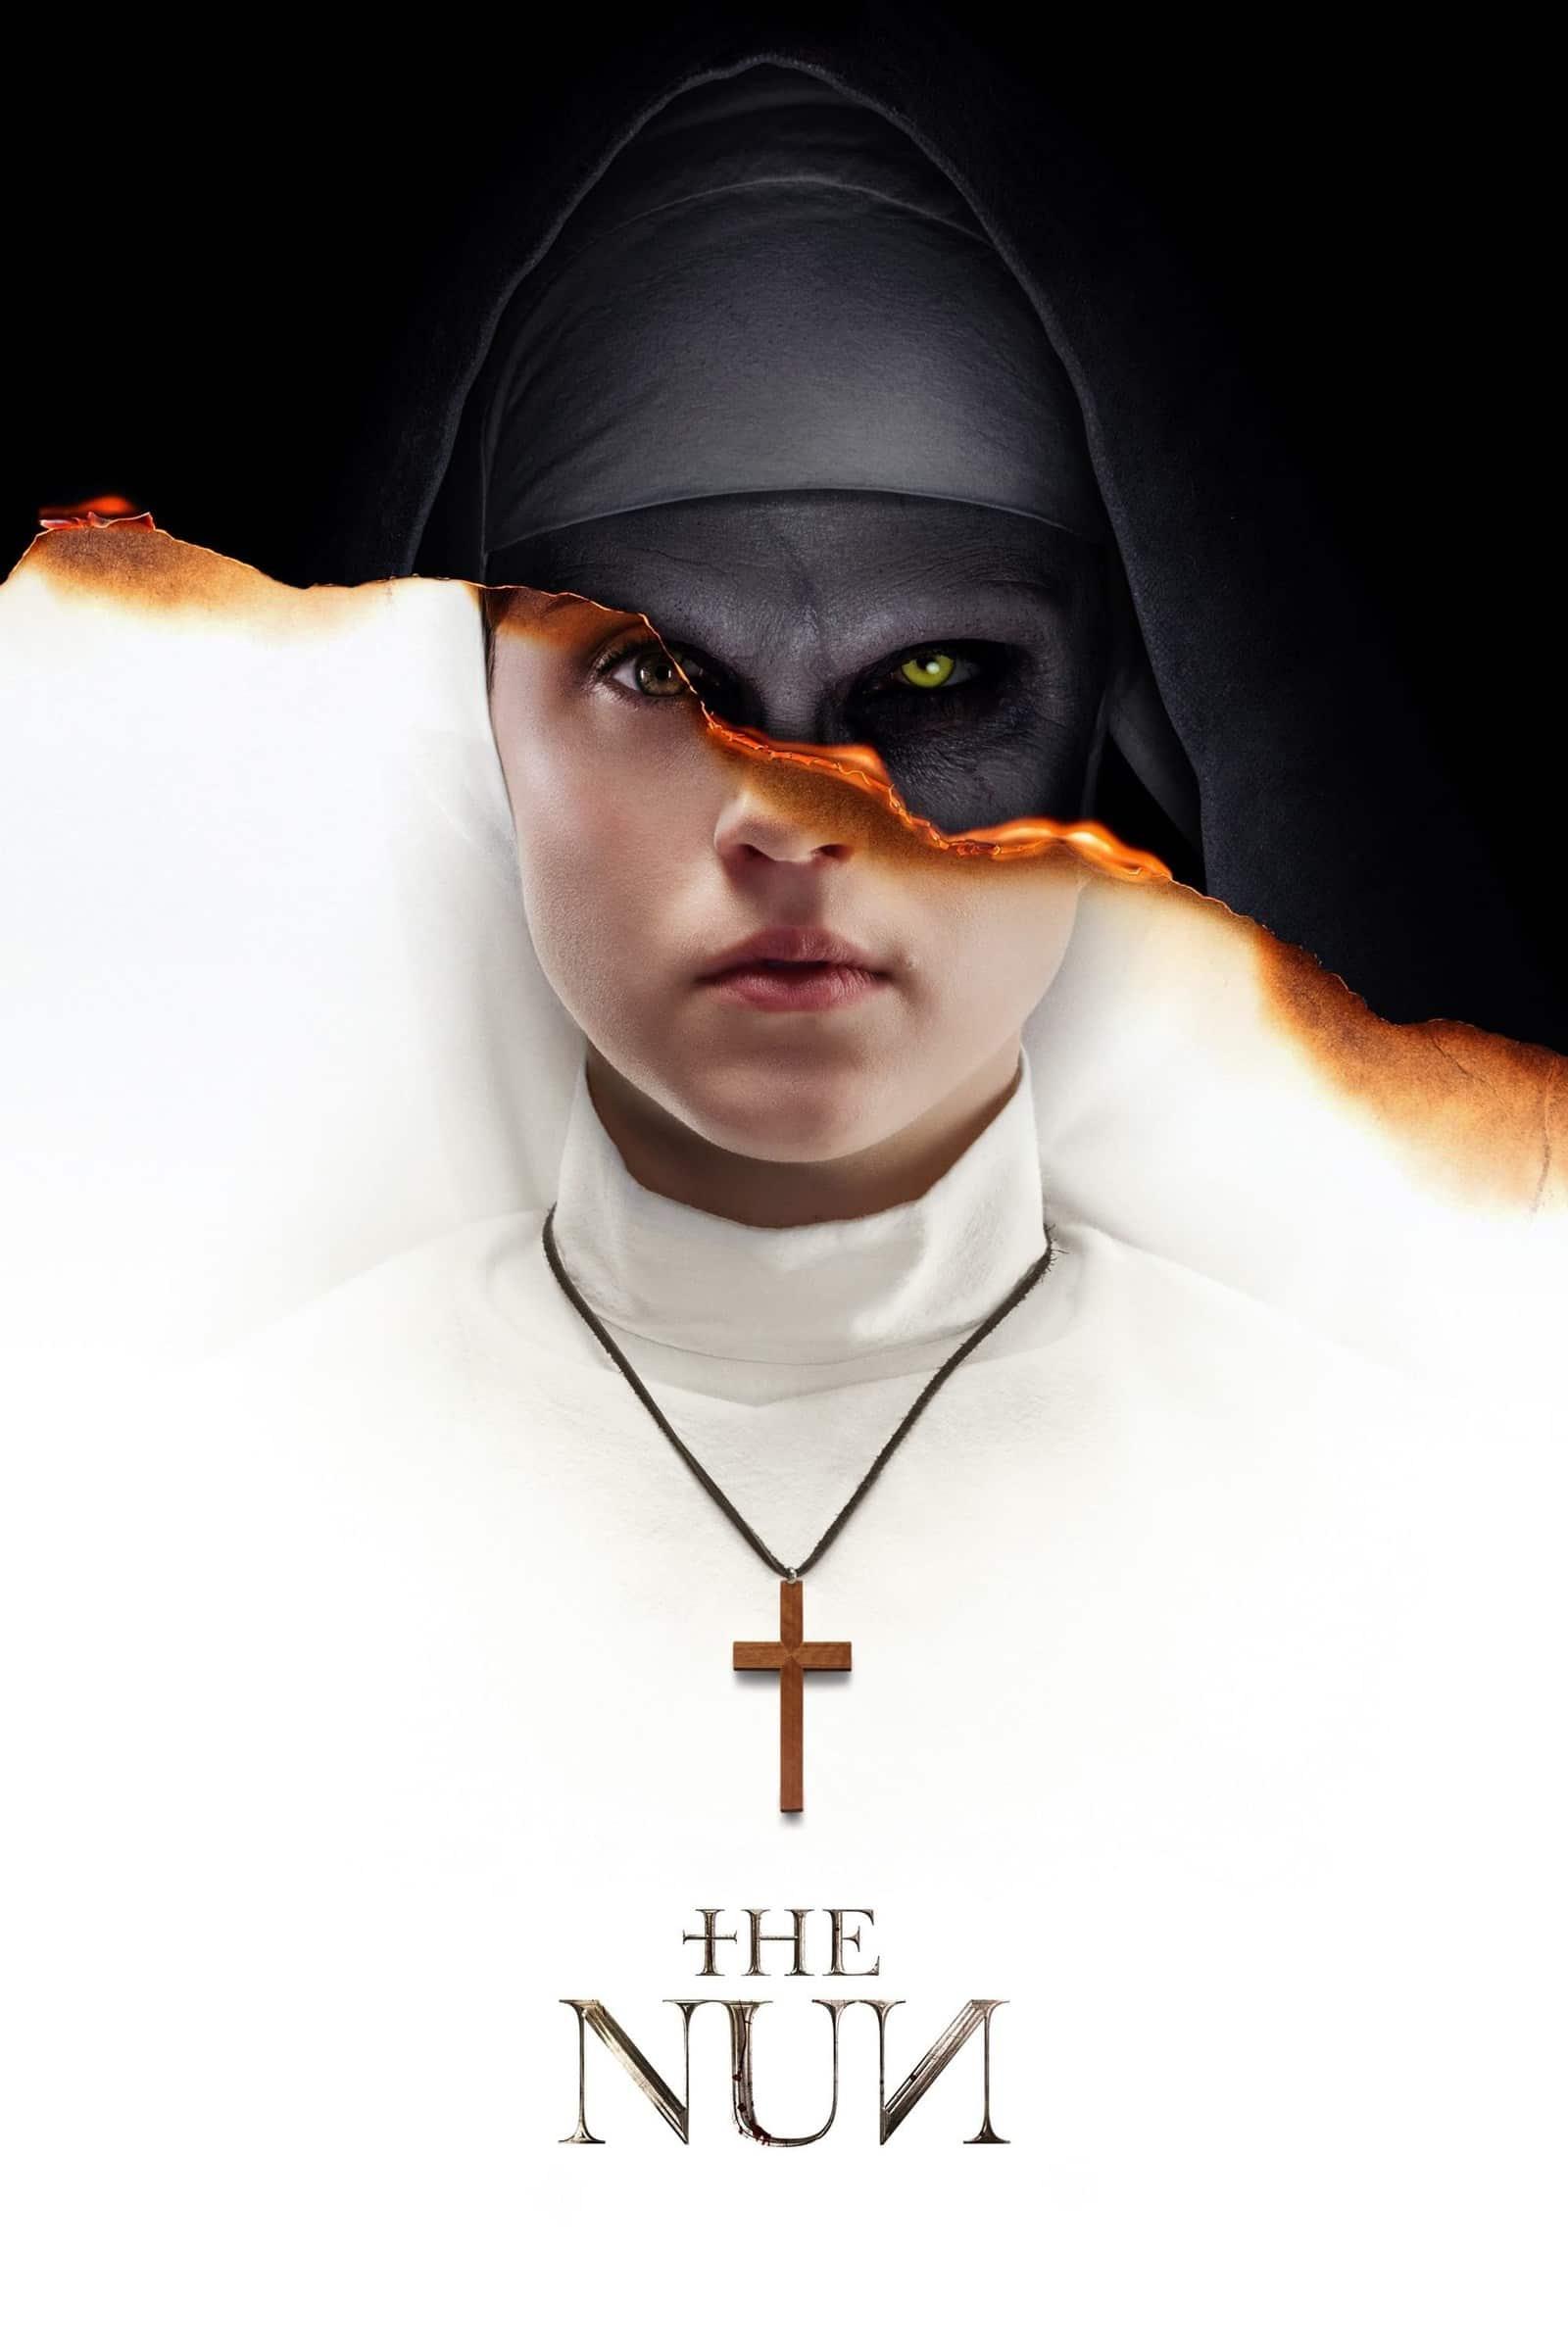 فیلم راهبه – The Nun 2018